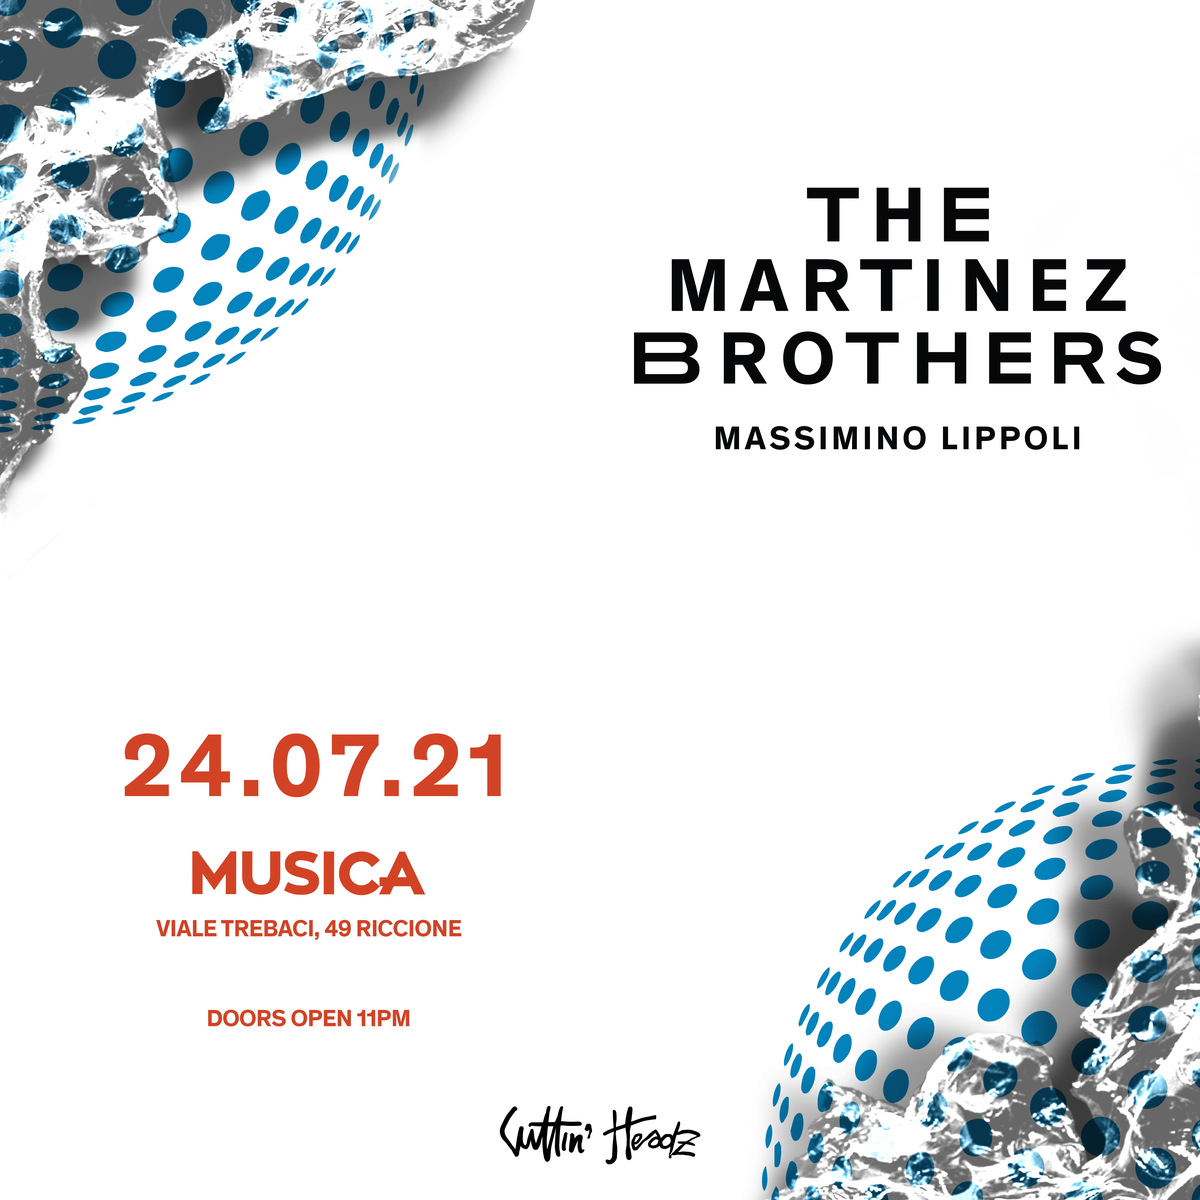 Sat 24th July | h 23:00 Musicariccione | Opening Party Musicariccione RICCIONE